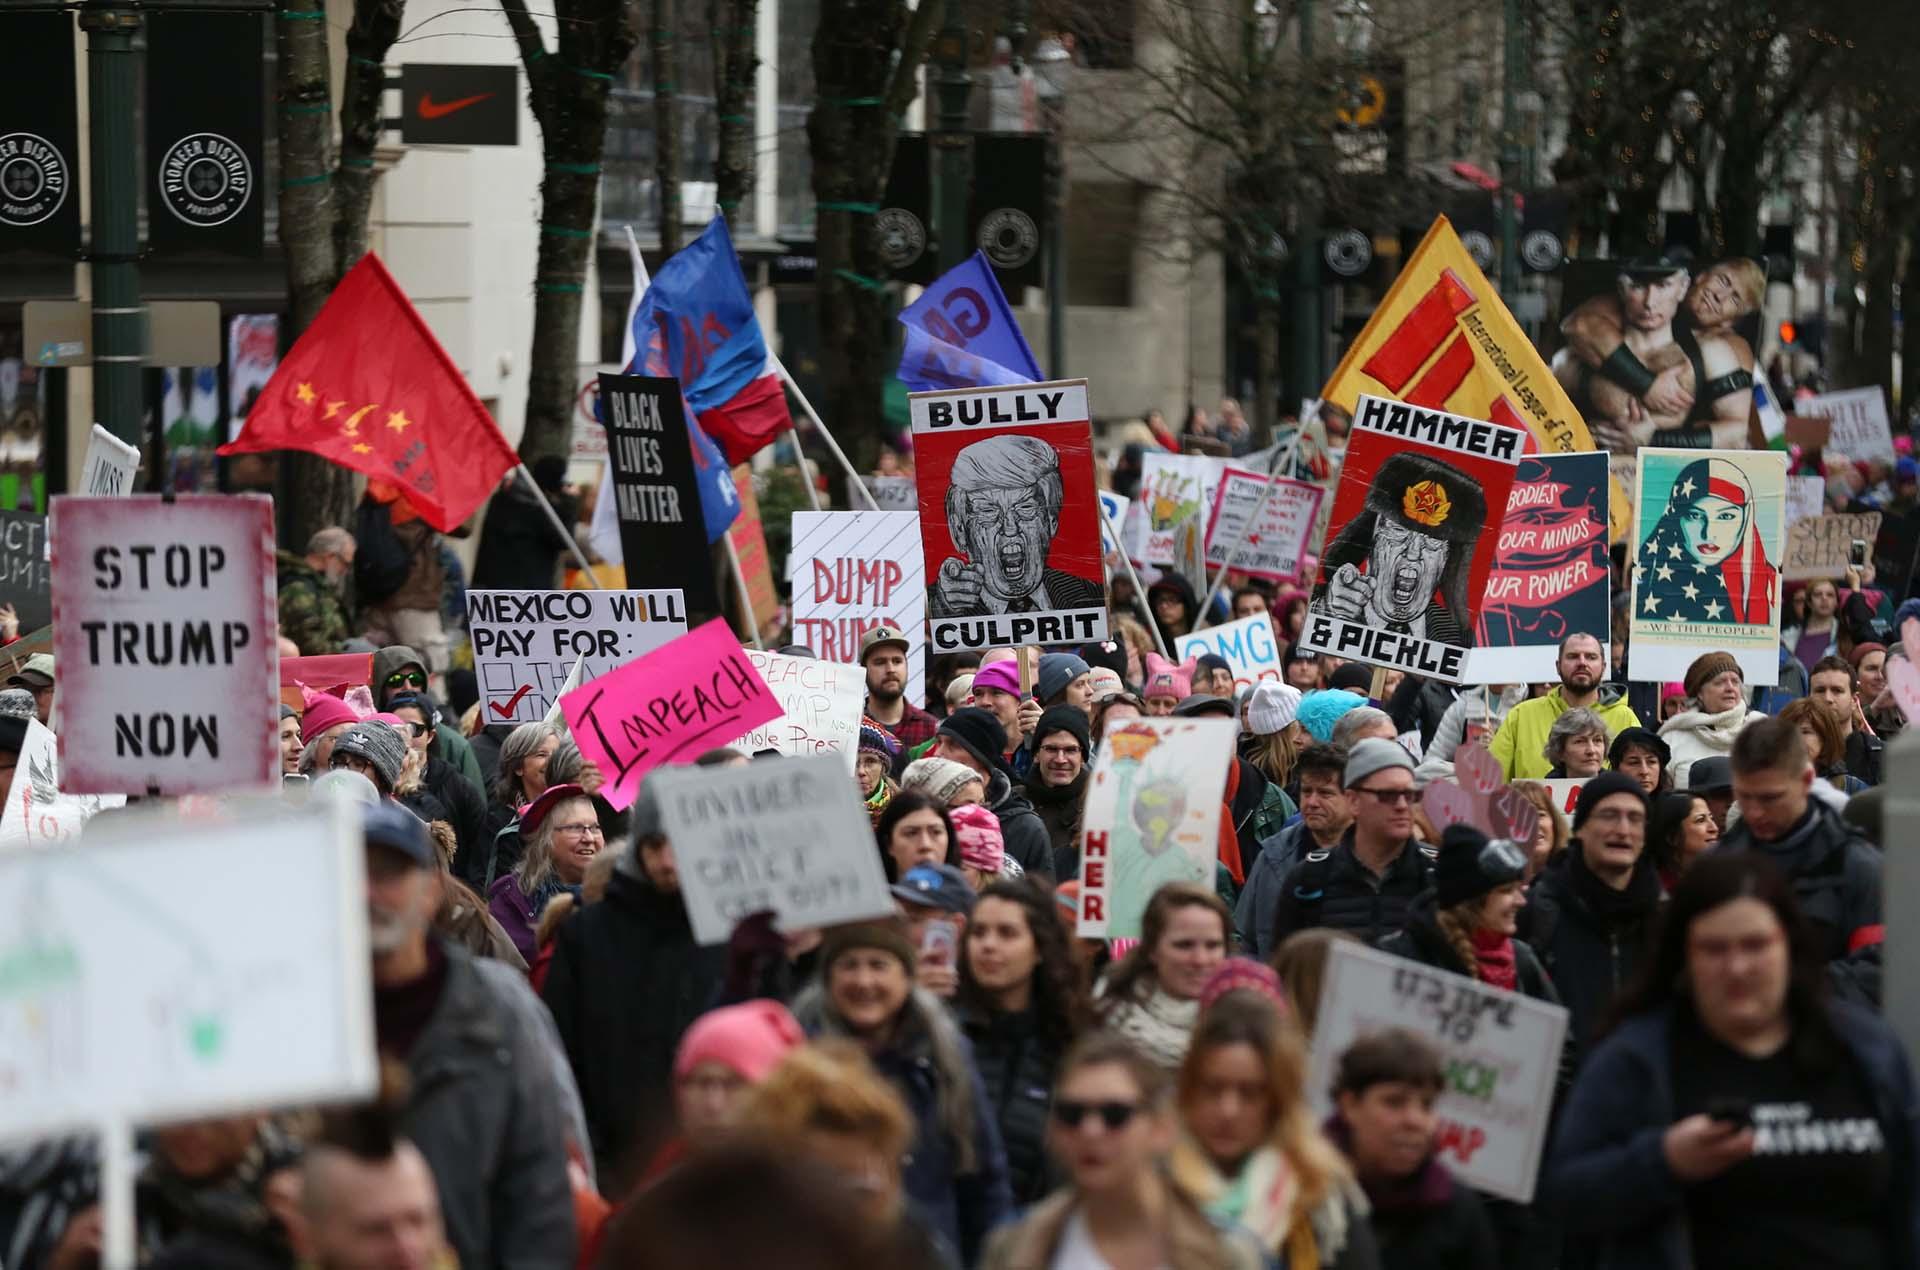 El sábado fue la primera jornada de protestas, en coincidencia con el primer aniversario de la presidencia de Donald Trump (AP)